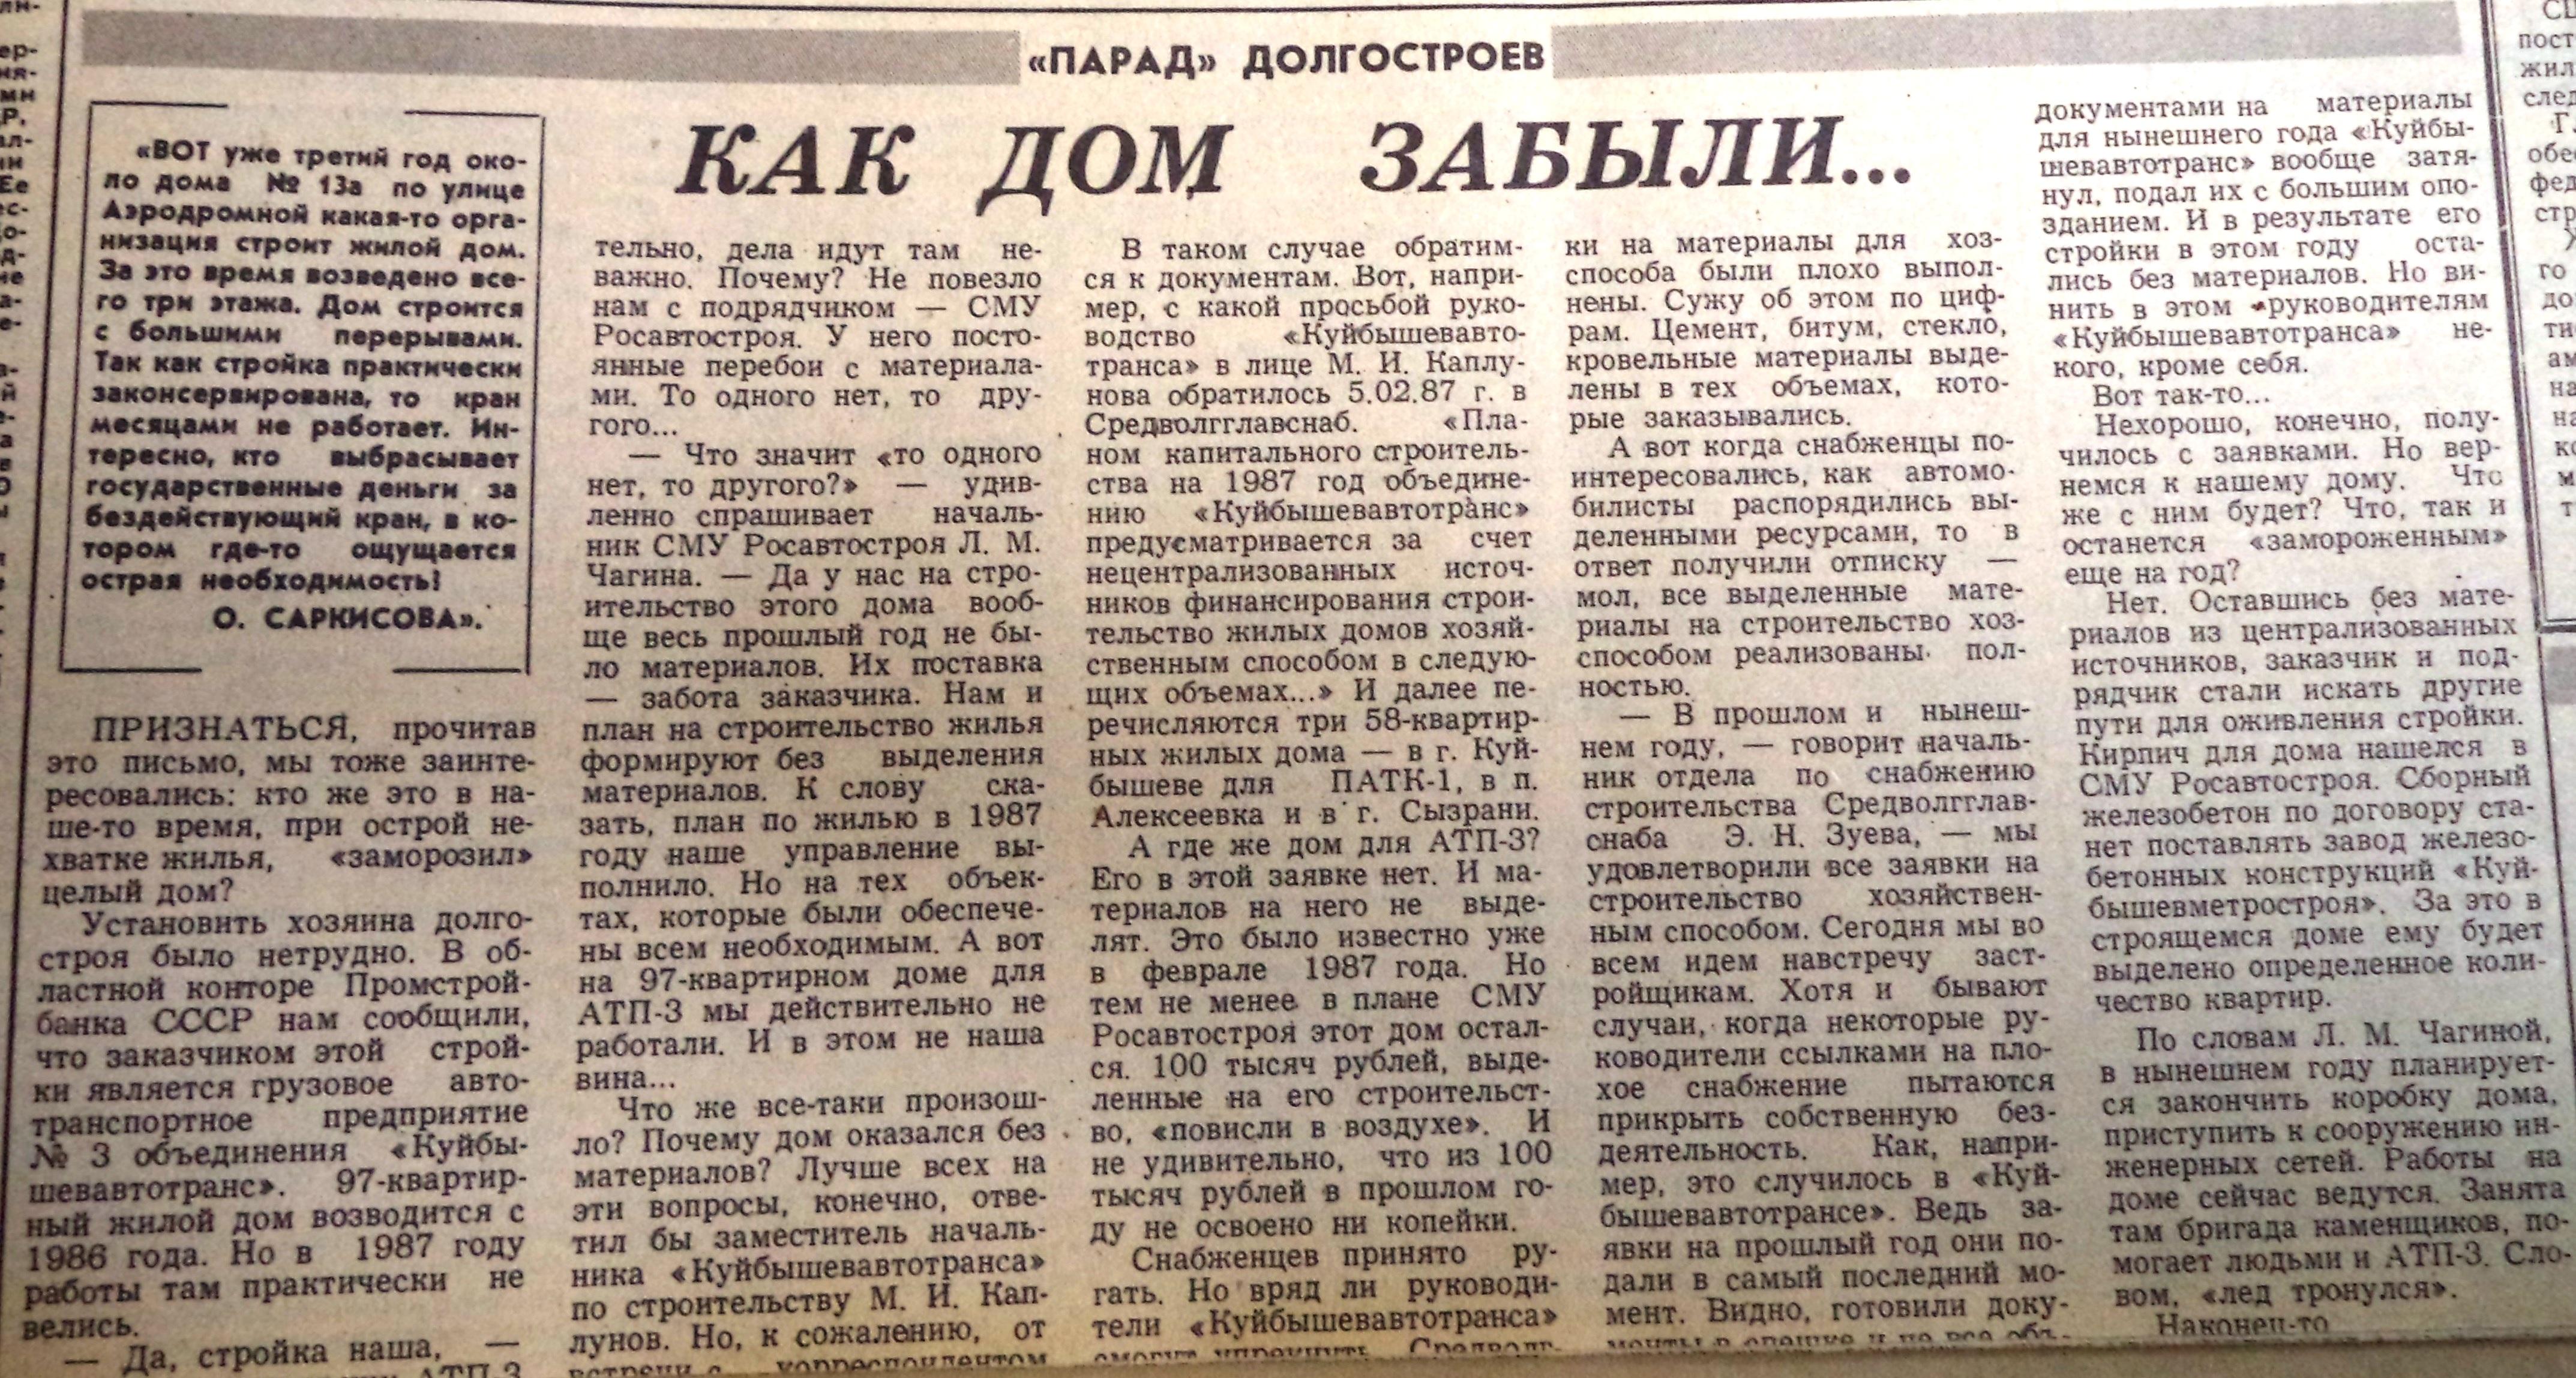 Дзержинская-ФОТО-21-ВЗя-1988-02-16-долгострой по Дзерж.-30